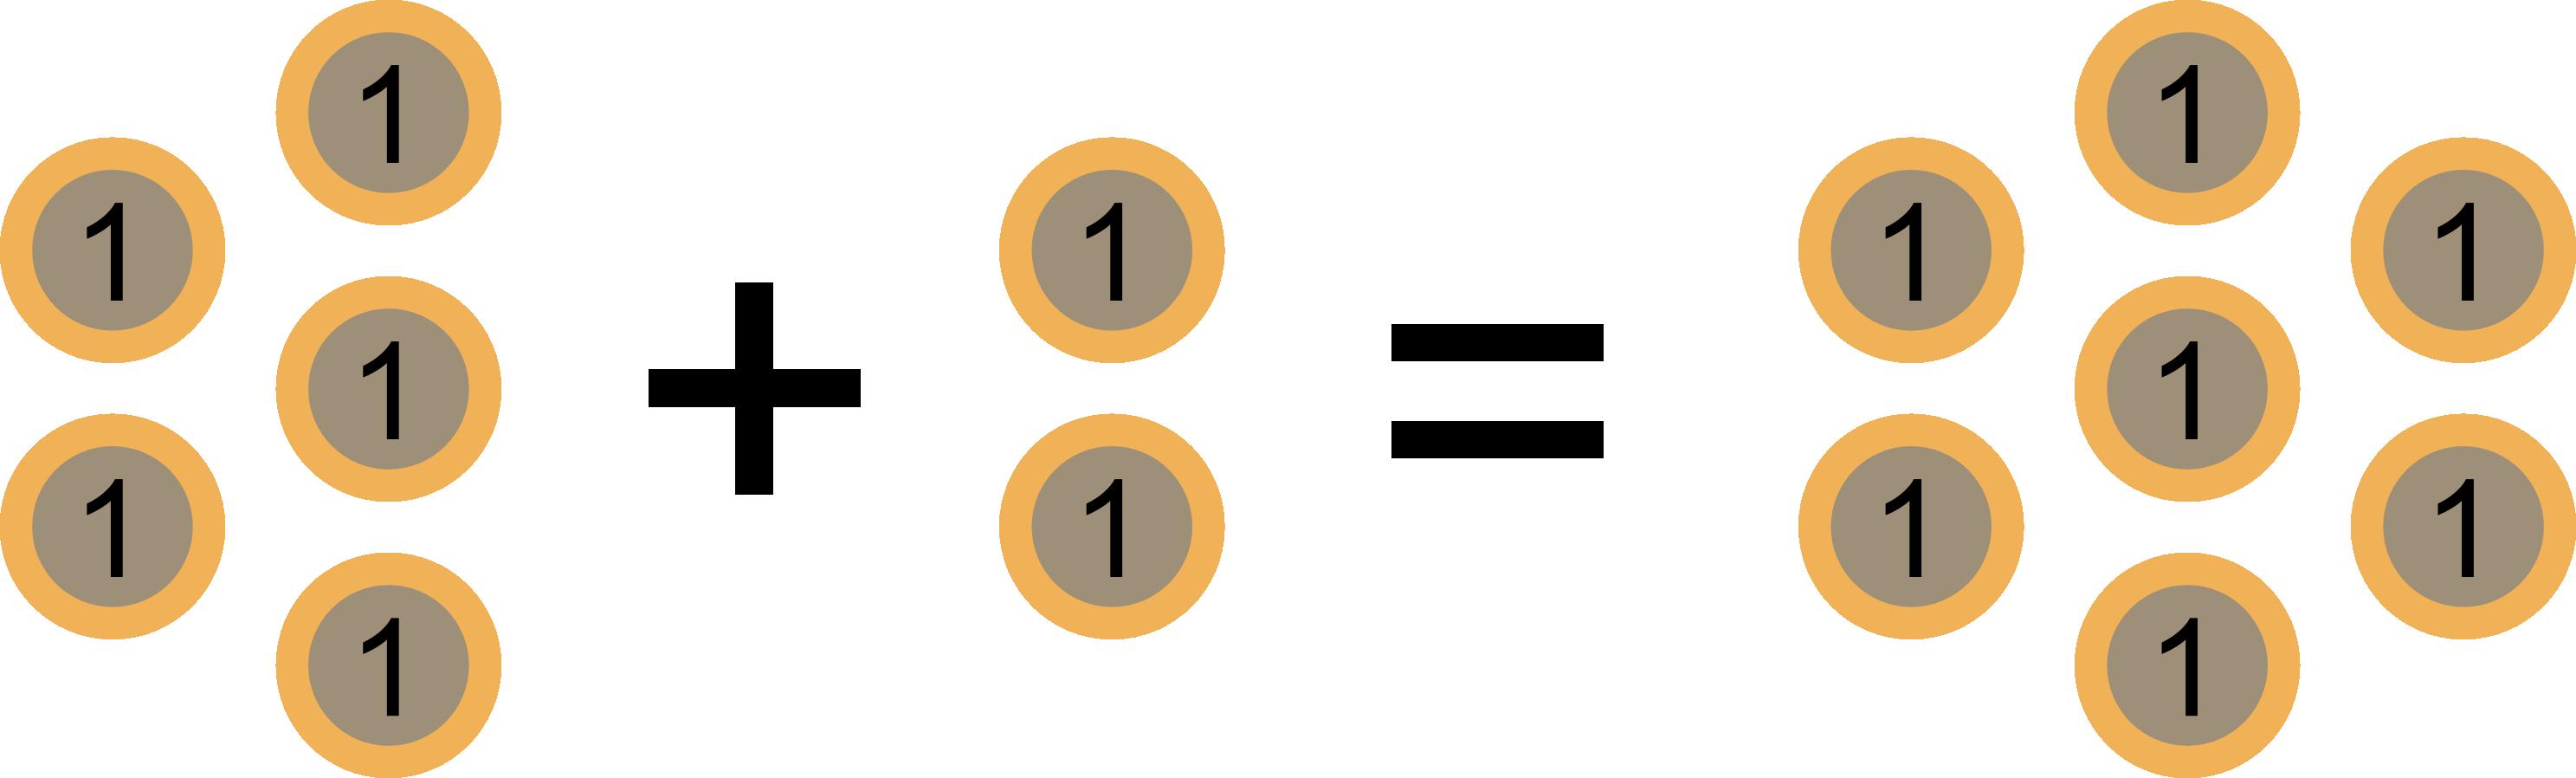 Addition complétée avec des nombres entiers